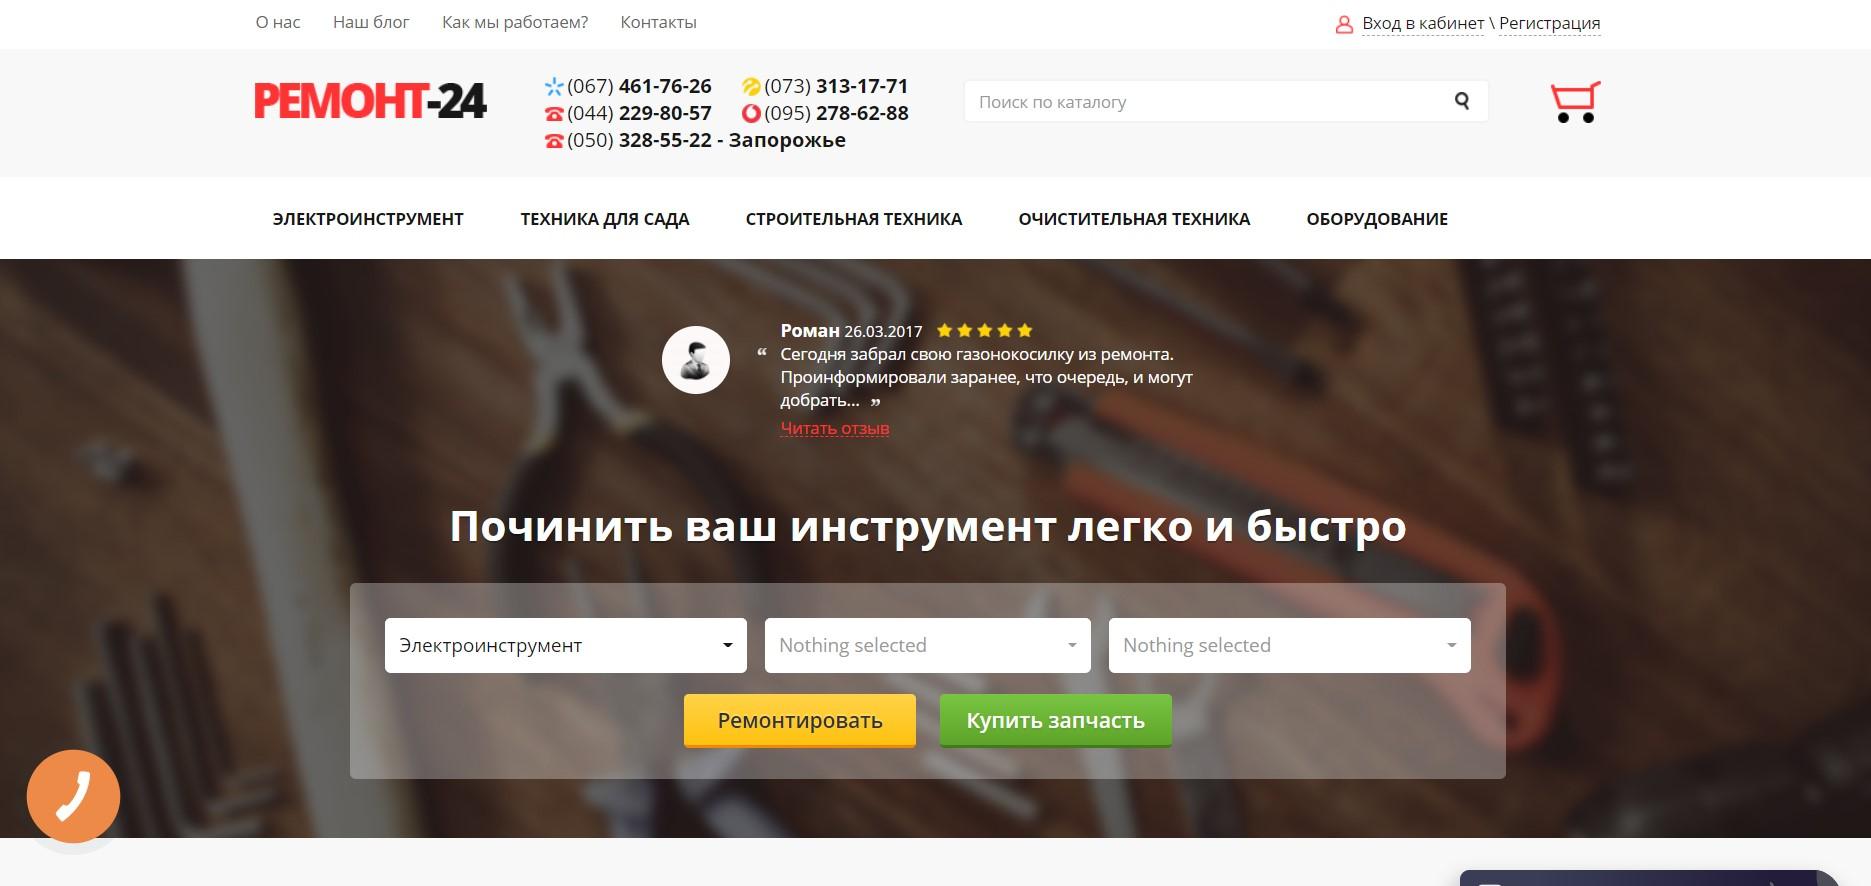 Веб-сервис по ремонту техники Ремонт-24